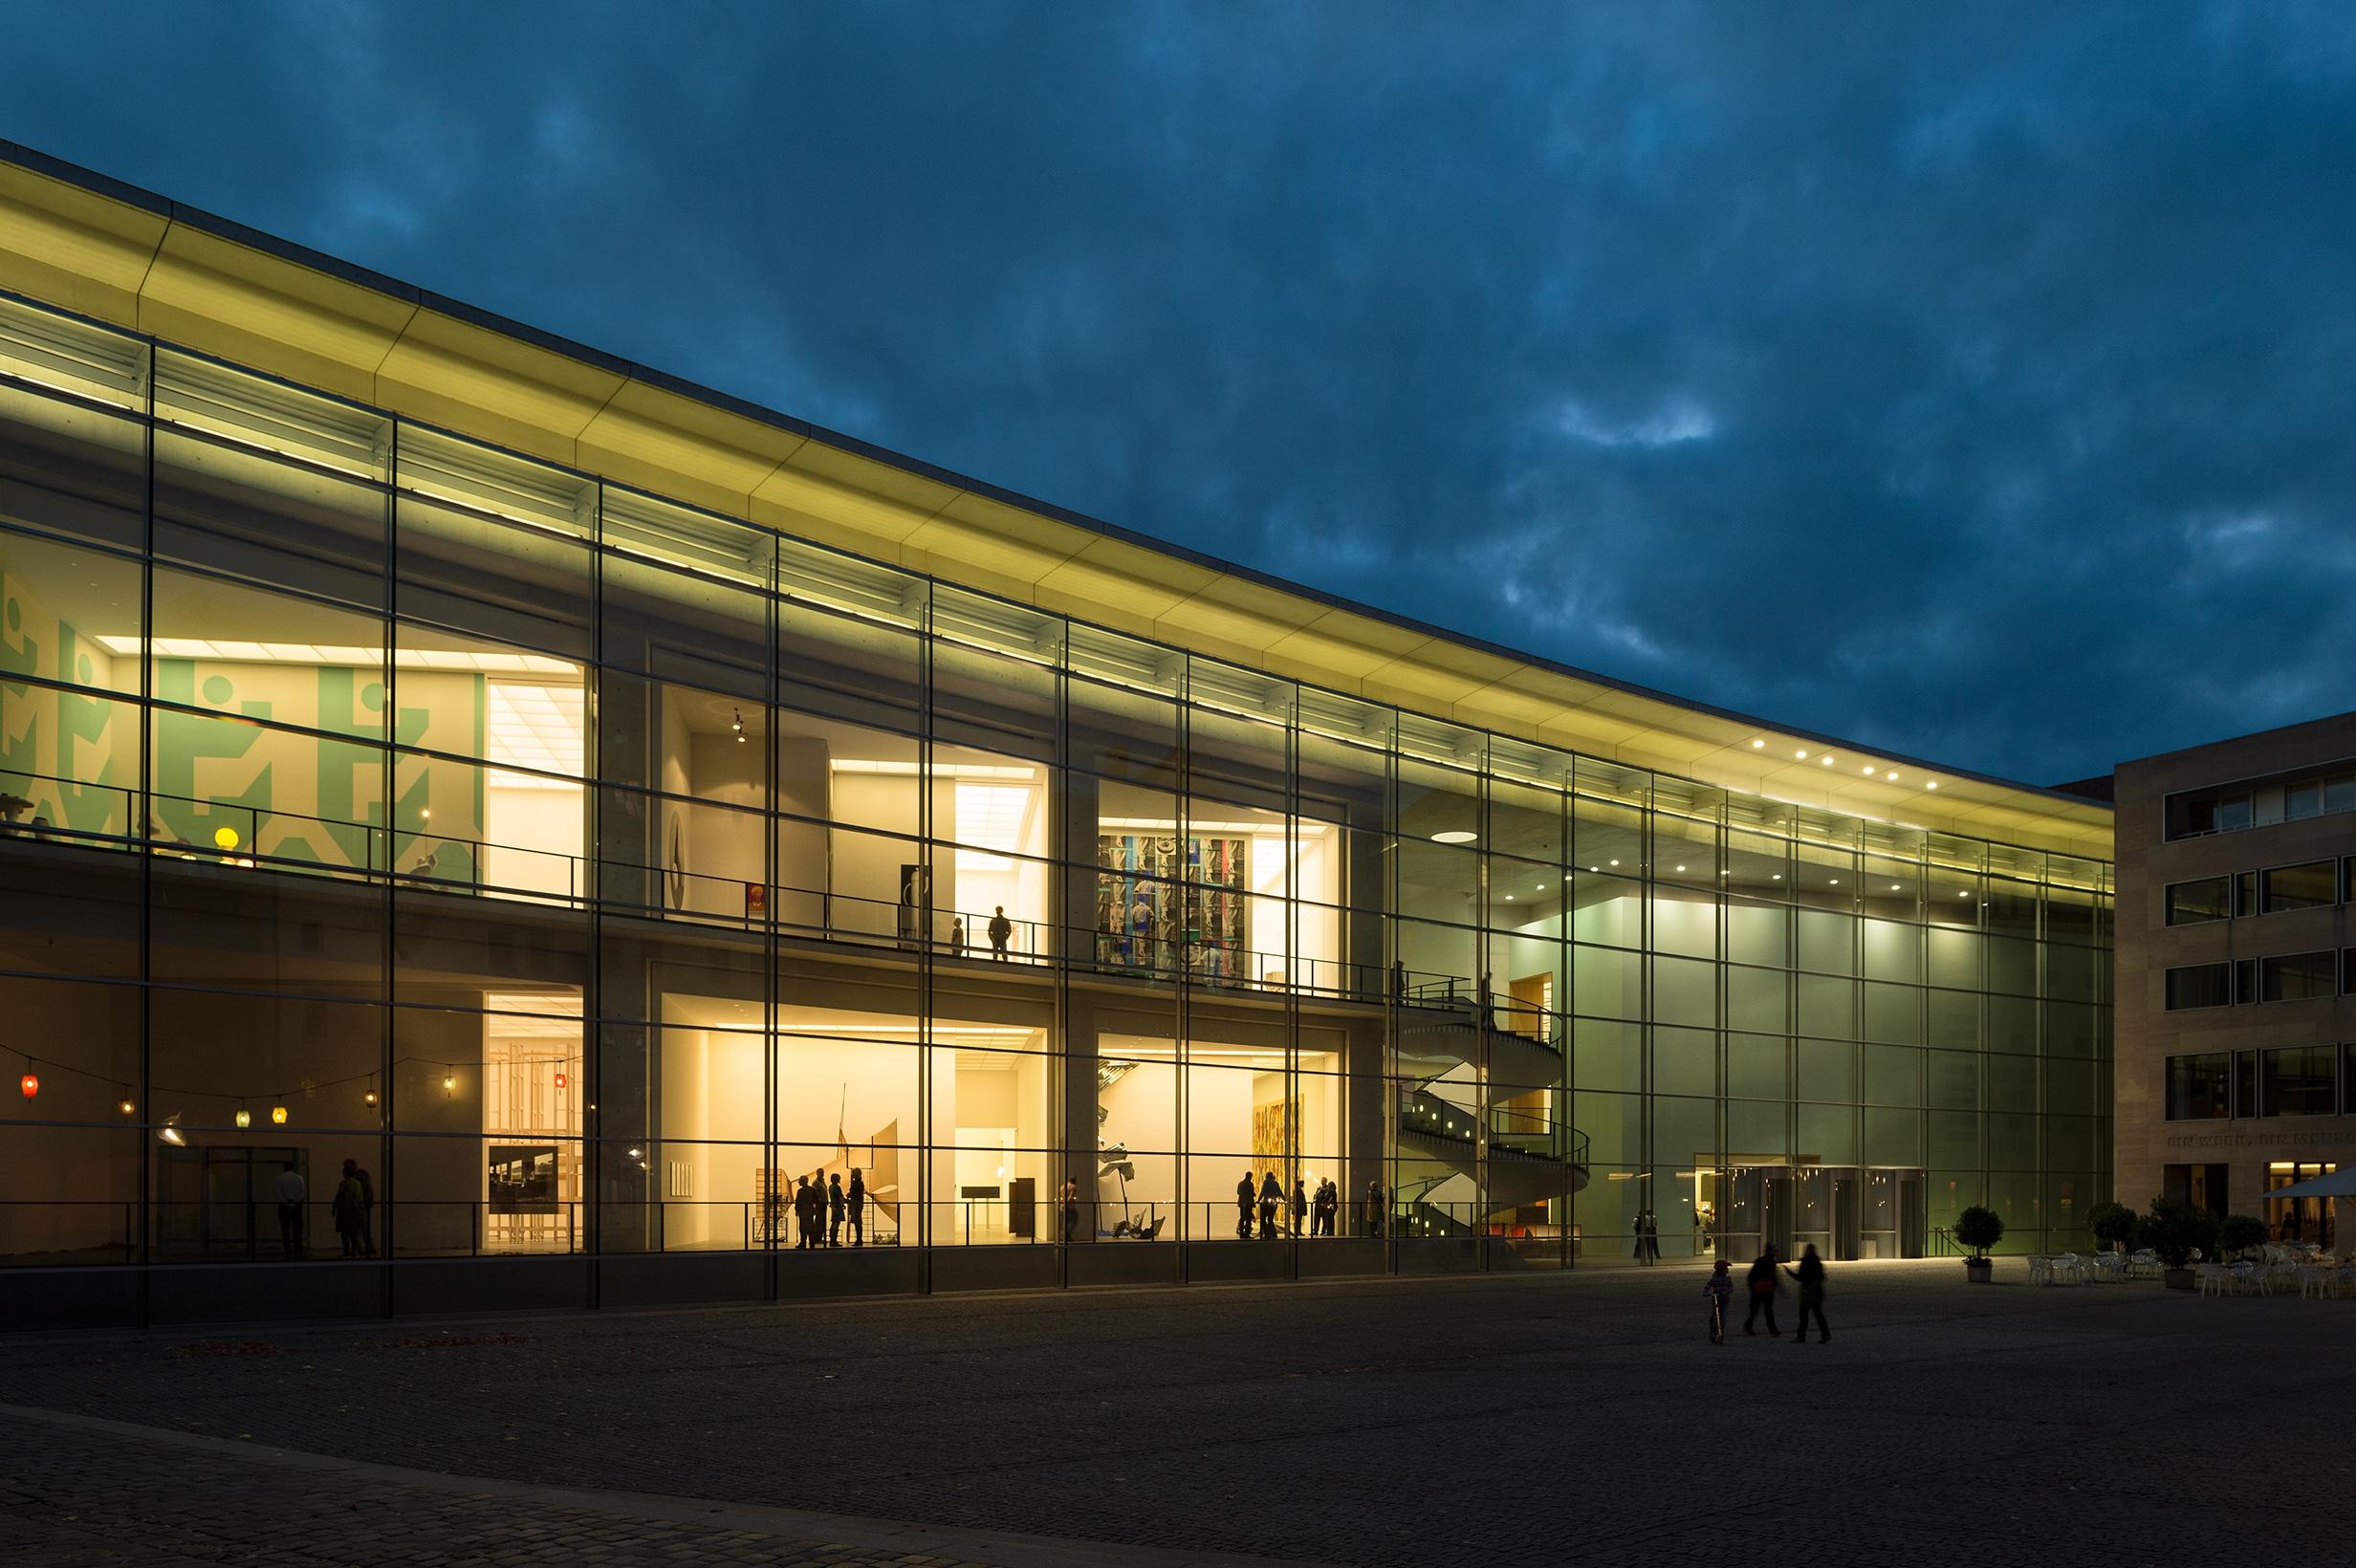 Neues Museum Nürnberg - Fotografin: Annette Kradisch